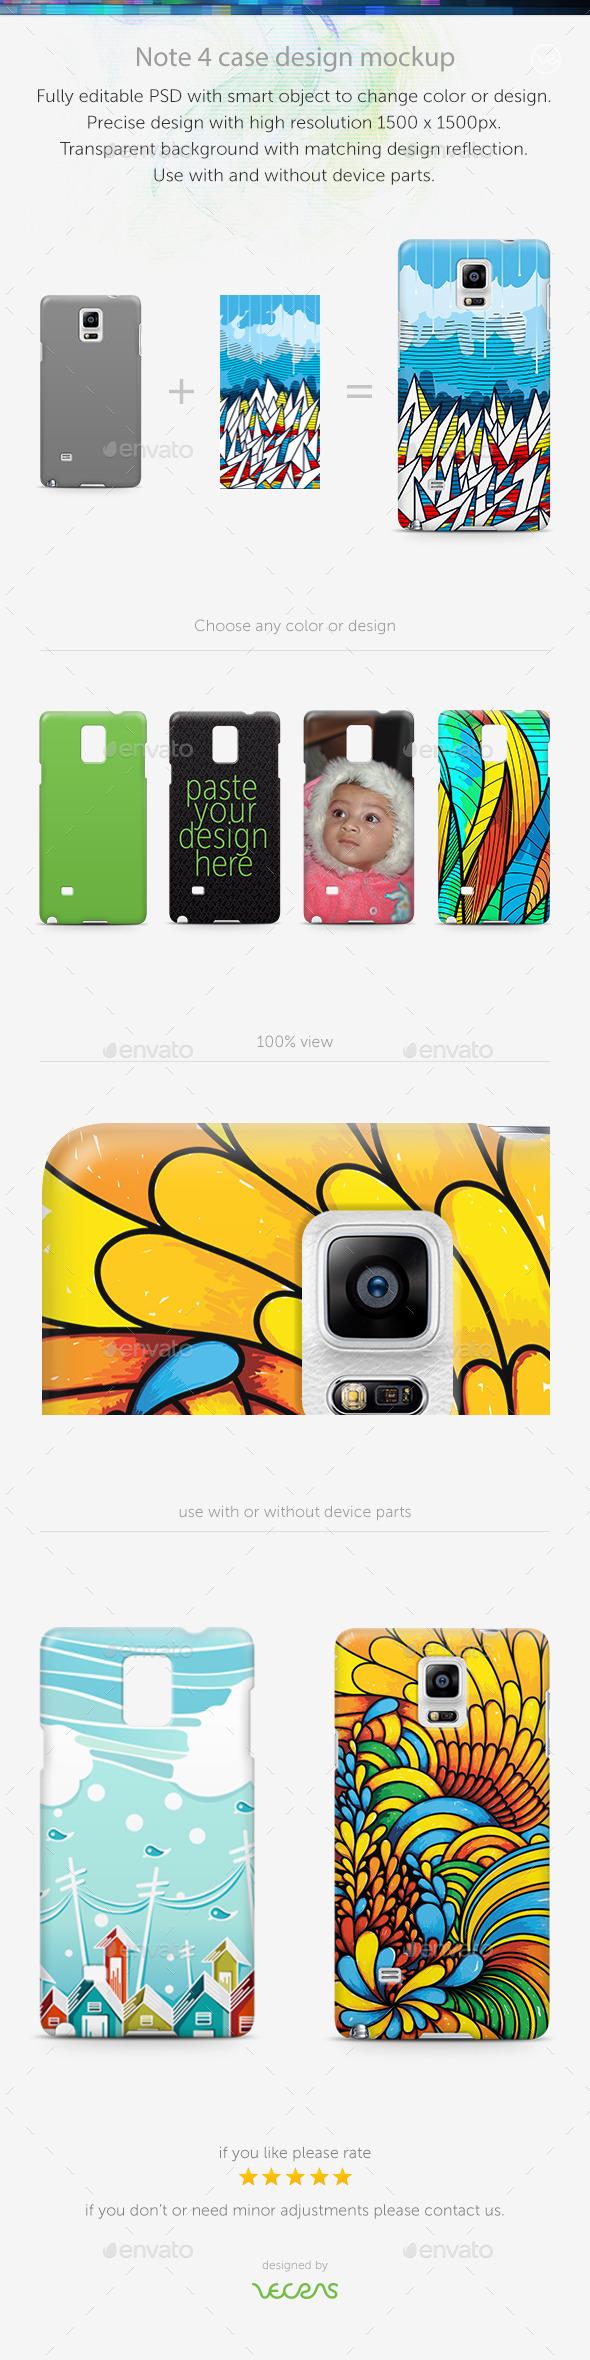 GraphicRiver Note 4 Case Design Mockup 10340324